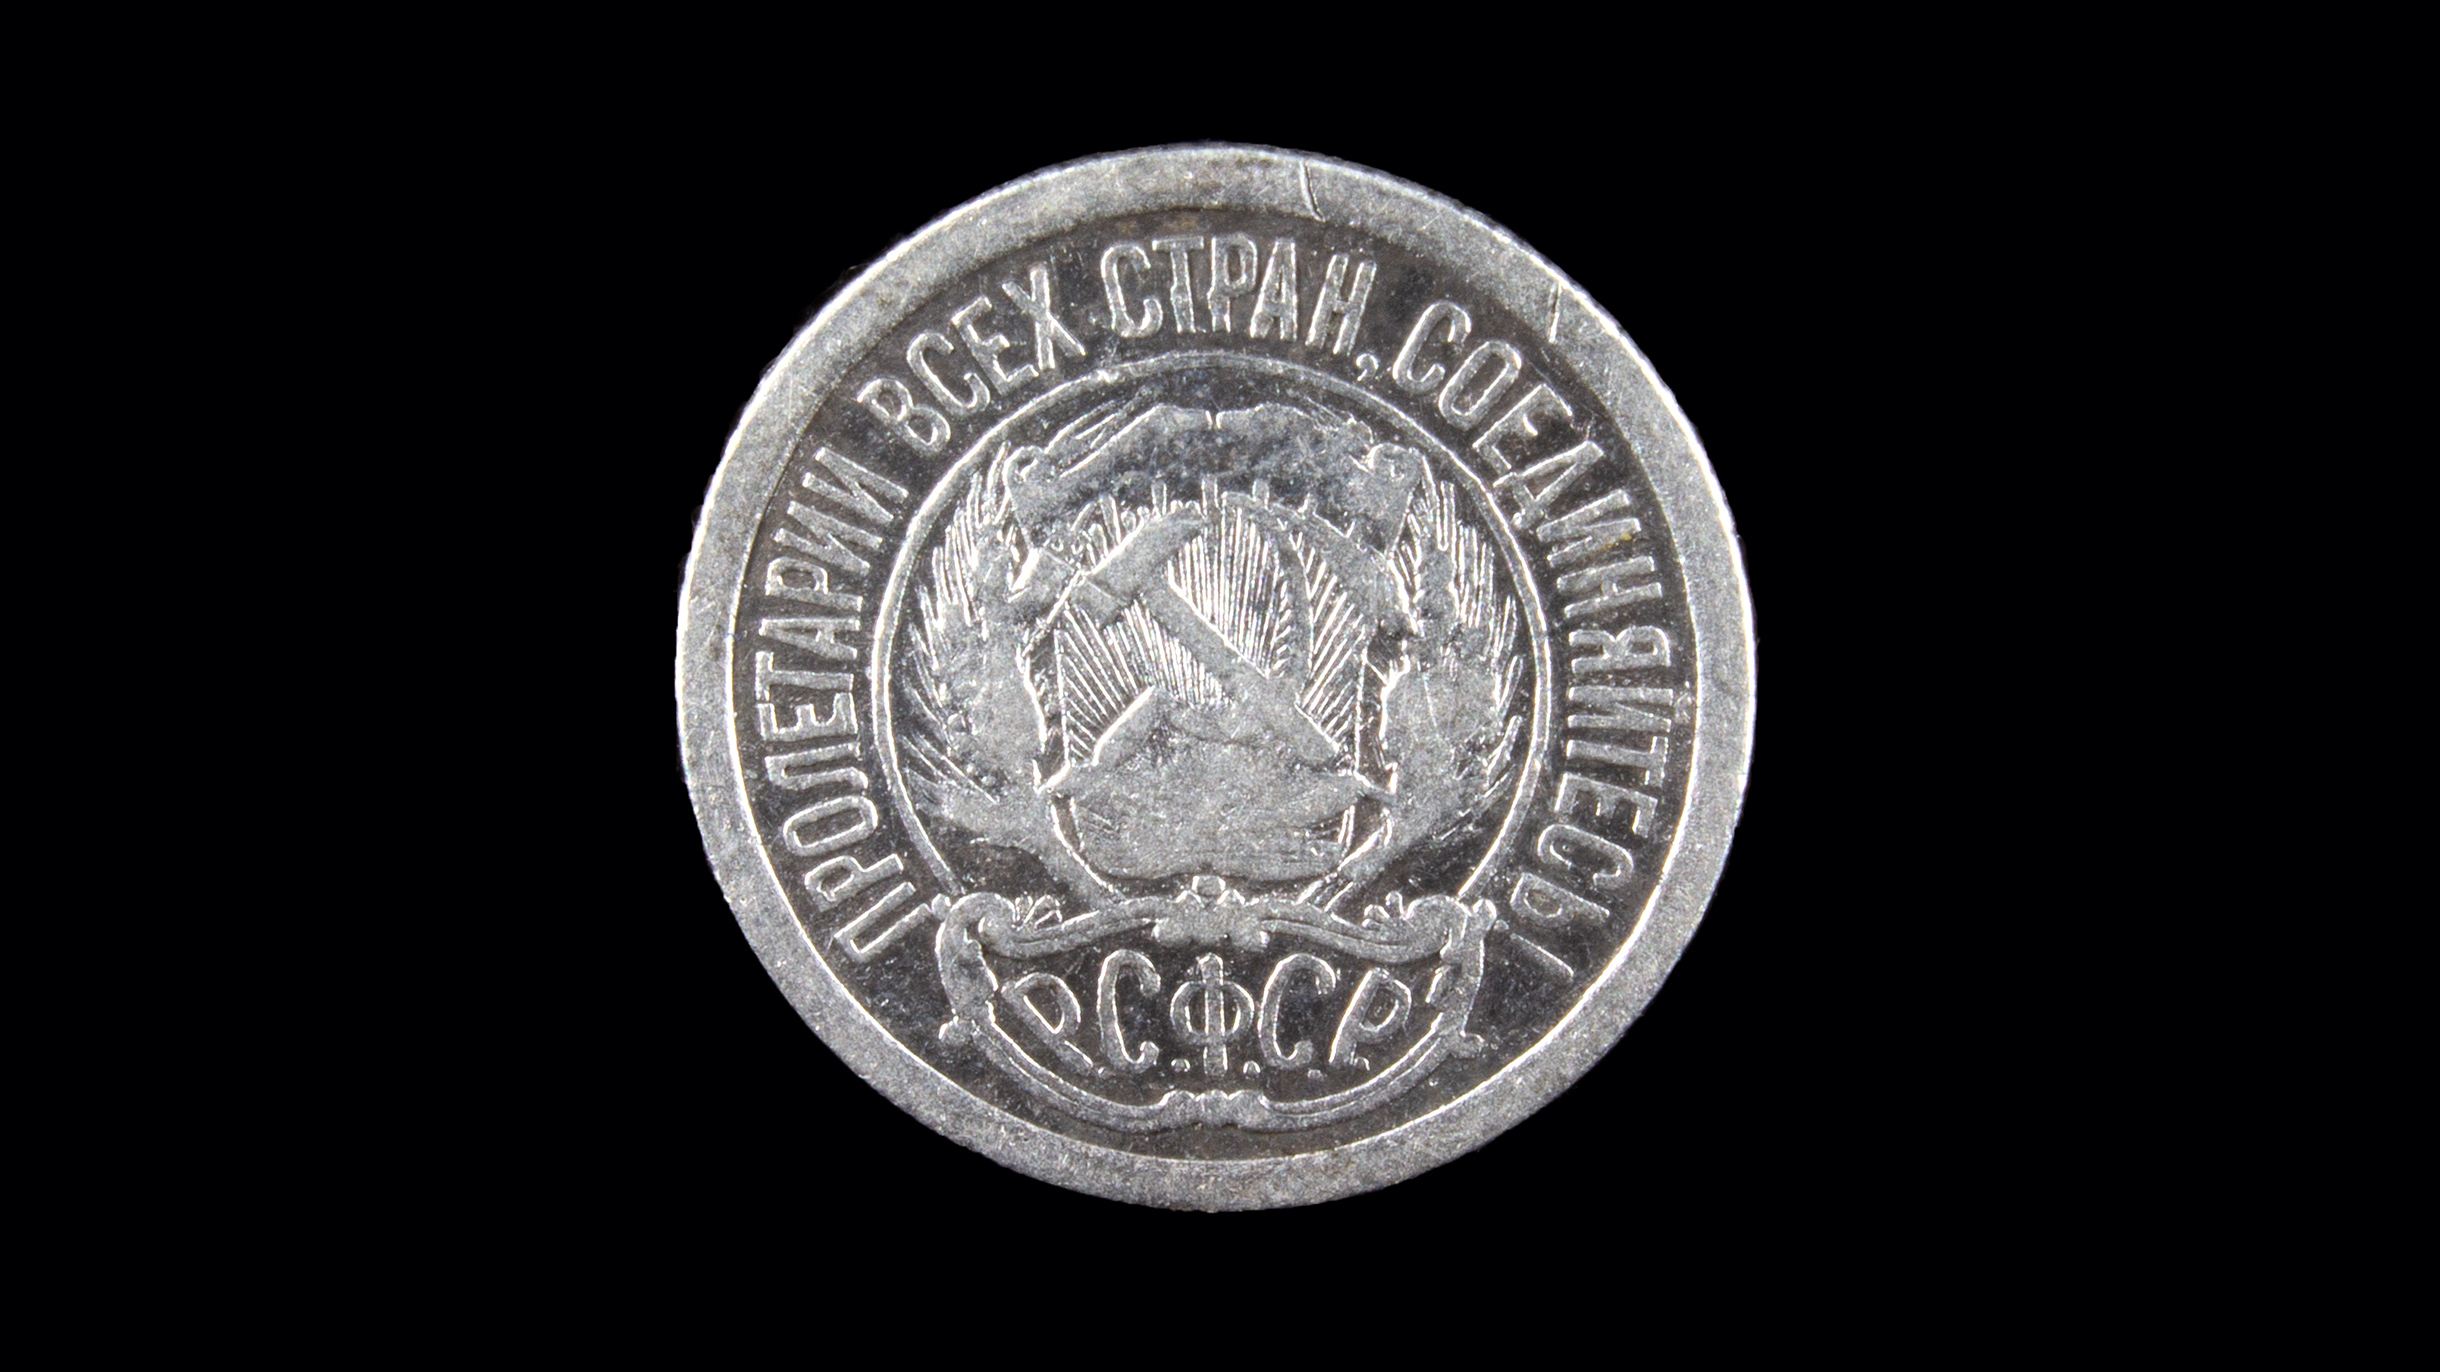 Сколько стоят советские монеты